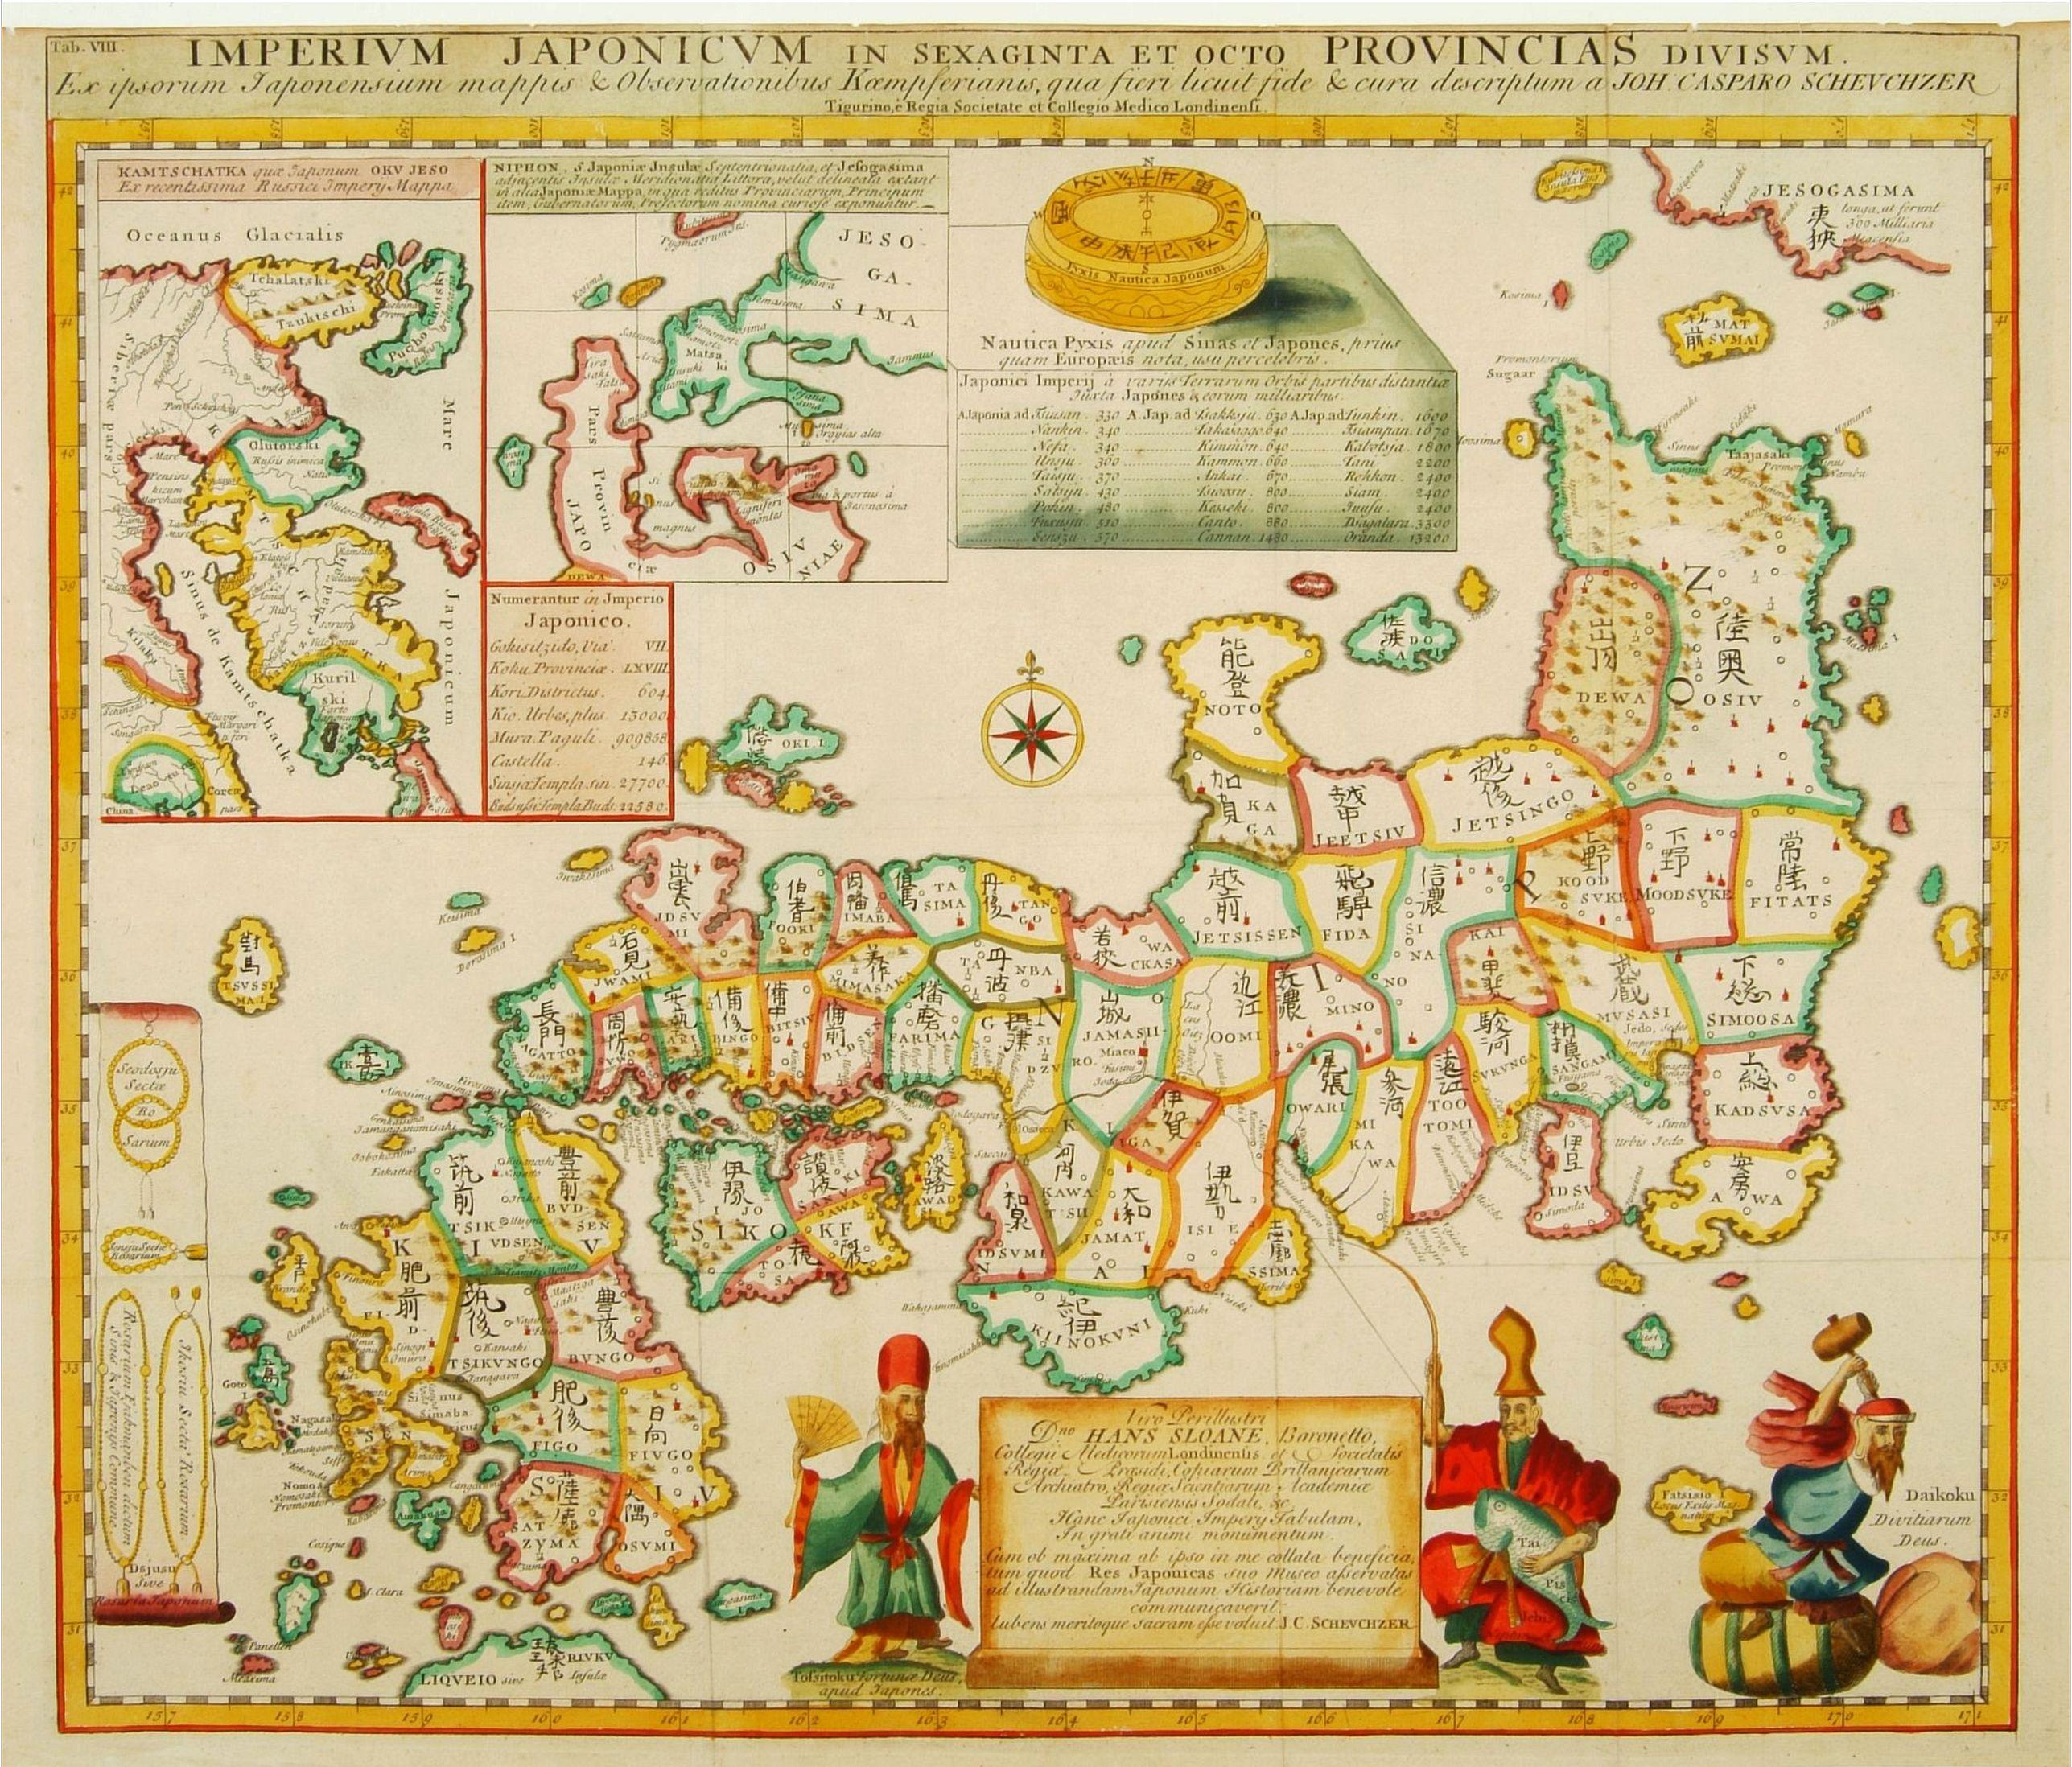 KAEMPFER, E. -  Imperium Japonicum in sexaginta et octo provincias divisum. Ex ipsorum Japonensium mappis & observationibus Kaempferianis. . .